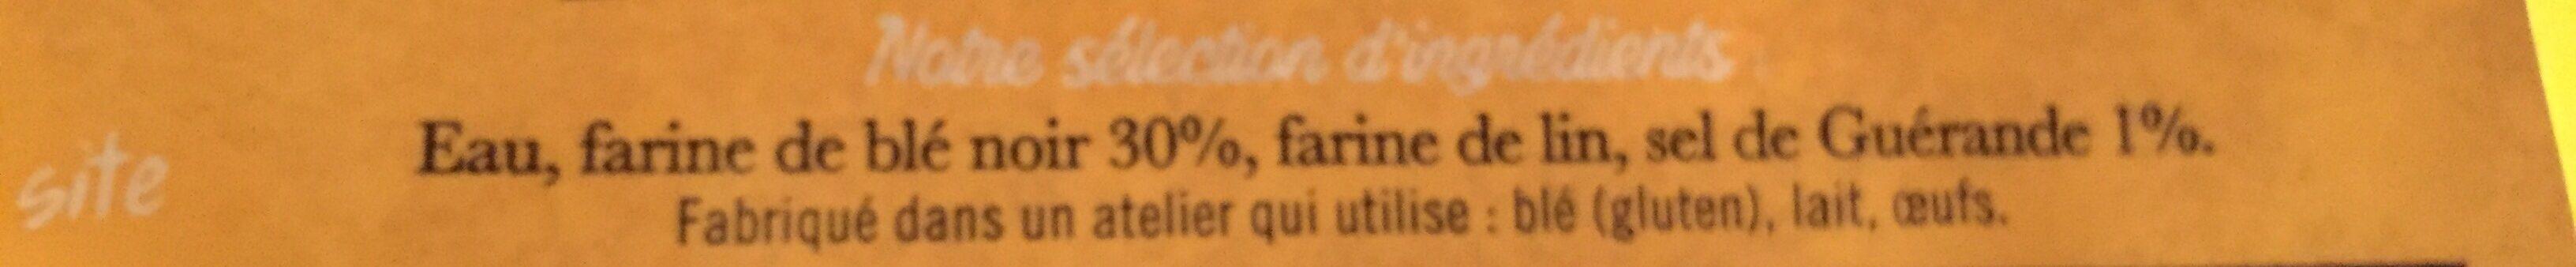 Galette de blé noir au sel de guérande - Ingredients - fr